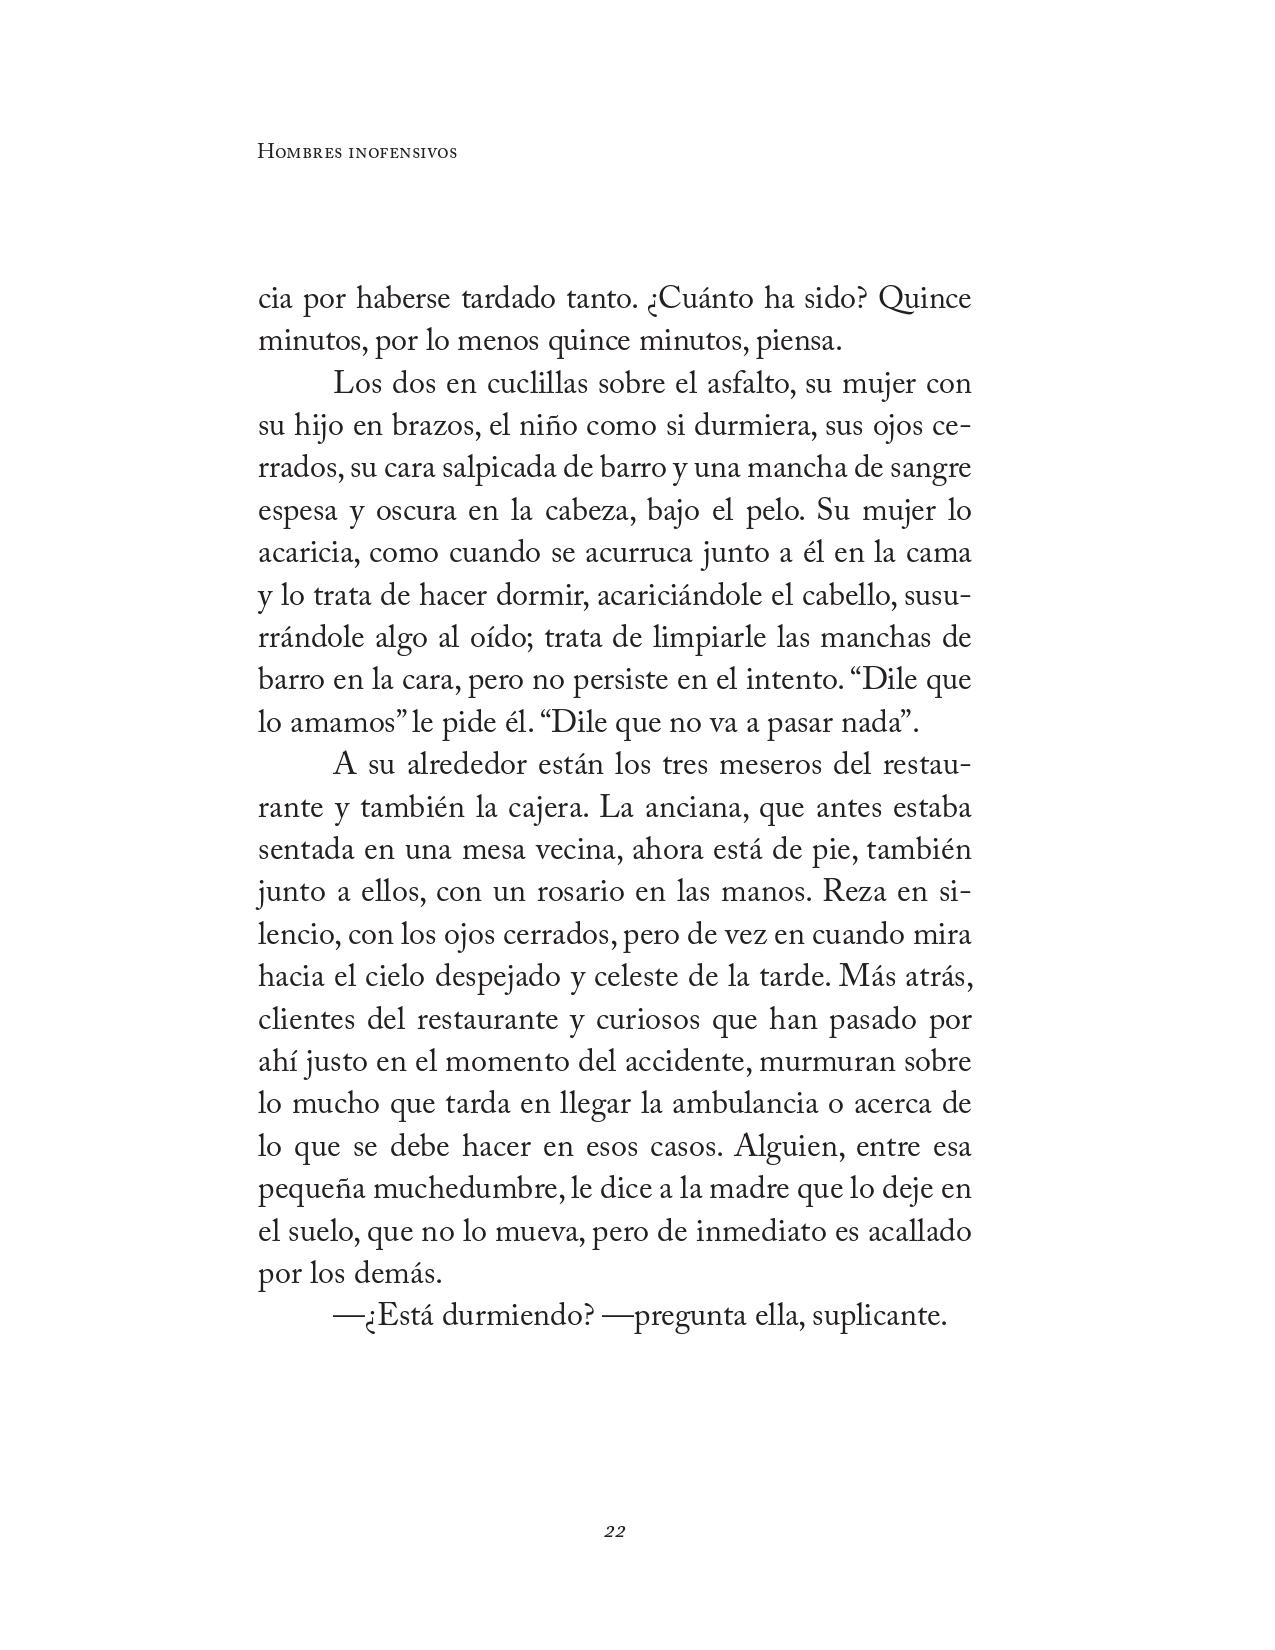 Adelanto_Hombres_Inofensivos_Patricio_Tapia_page-0019.jpg